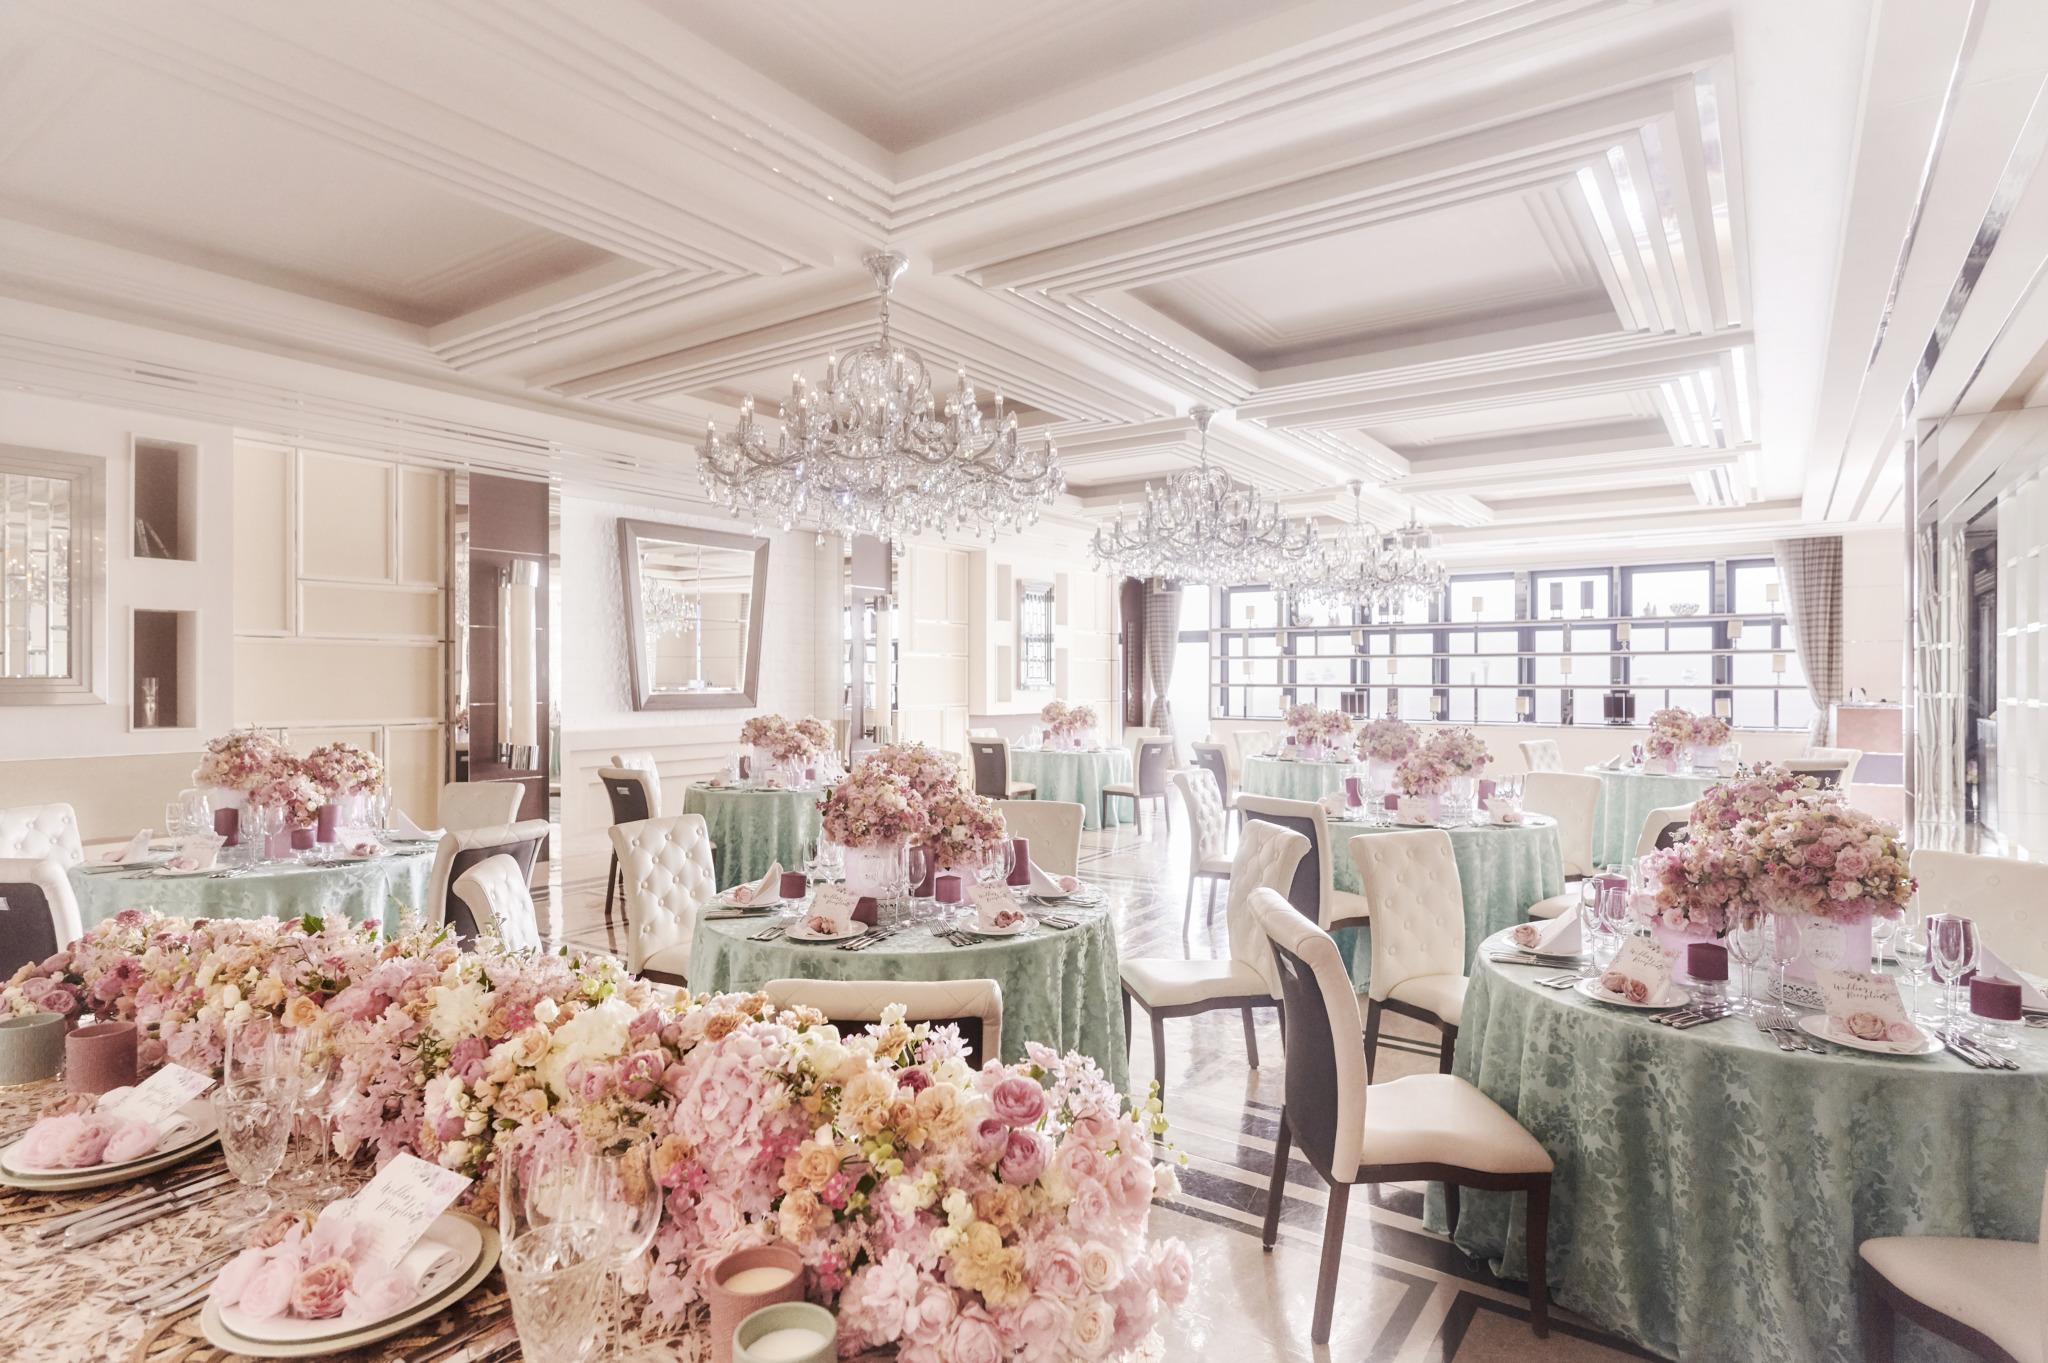 クリスタルシャンデリアがきらめく華やかなパーティ会場は、 どんなコーディネートもマッチする純白の空間